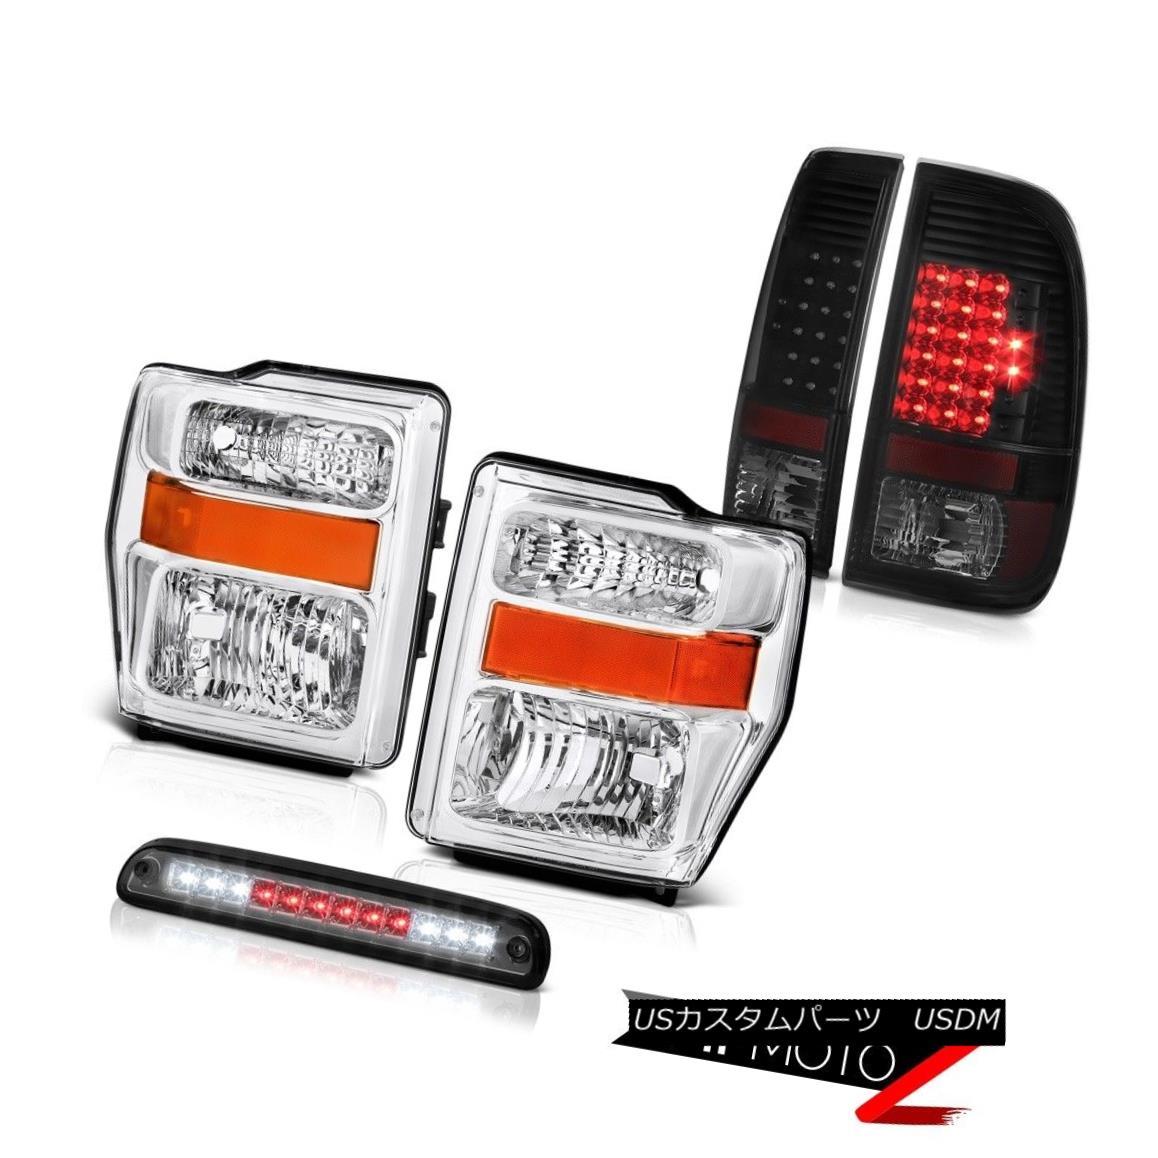 ヘッドライト 08-10 F250 Harley Davidson Left Right Headlamps LED Tail Lights 3rd Brake Cargo 08-10 F250ハーレーダビッドソン左ライトヘッドランプLEDテールライト第3ブレーキカーゴ